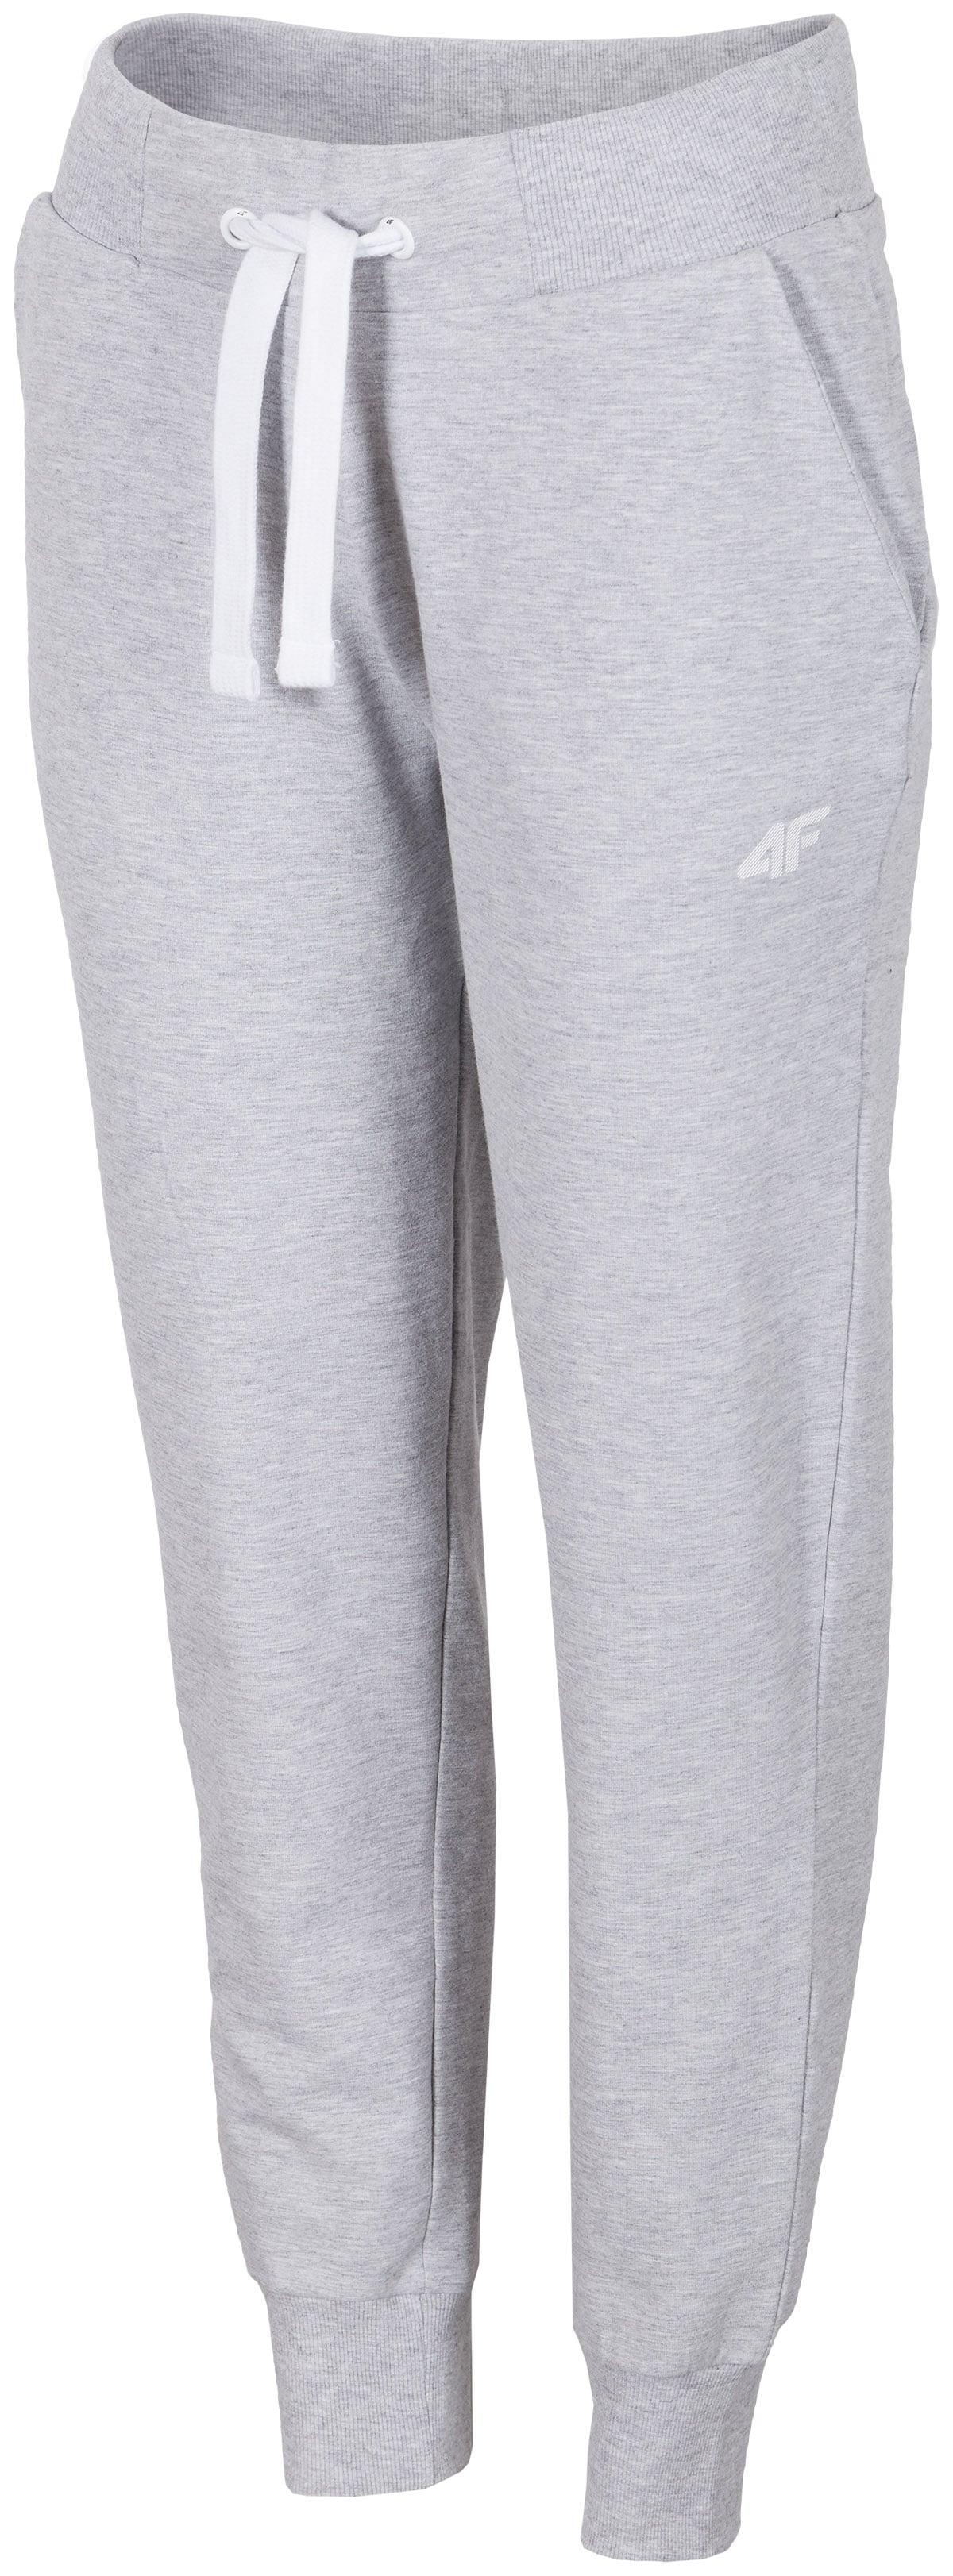 03fe062159 Spodnie dresowe damskie SPDD300 - chłodny jasny szary melanż